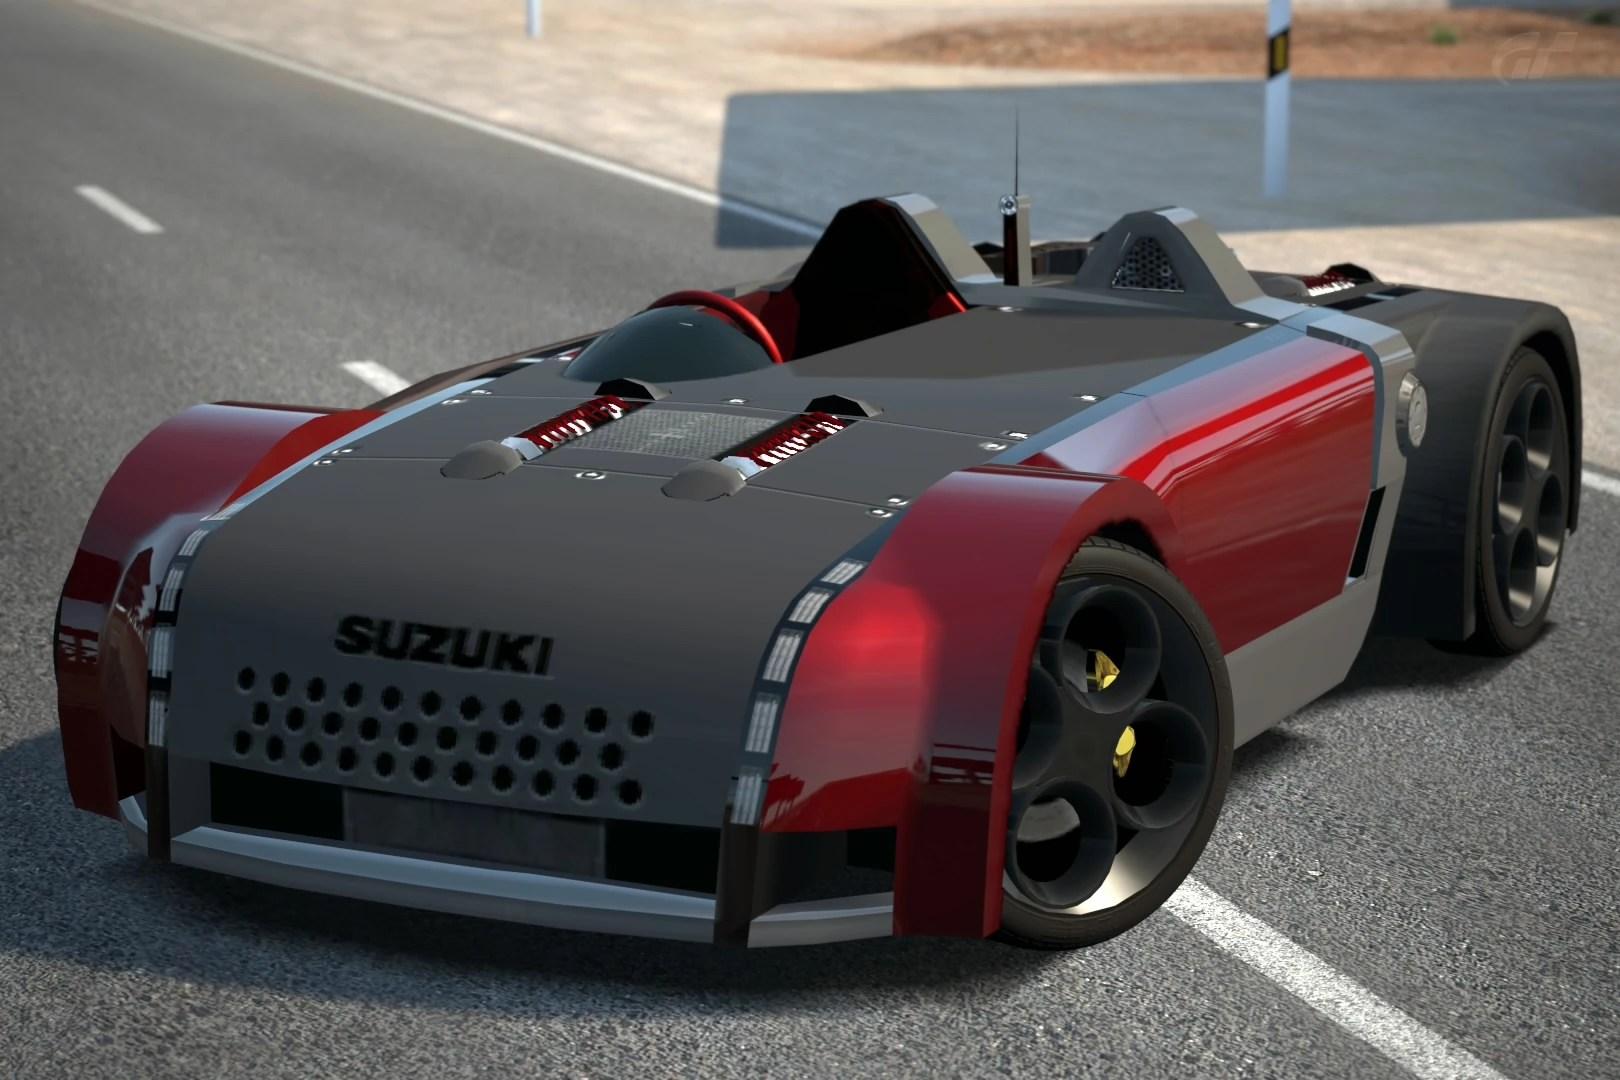 suzuki gsx r 4 concept 01 [ 1620 x 1080 Pixel ]